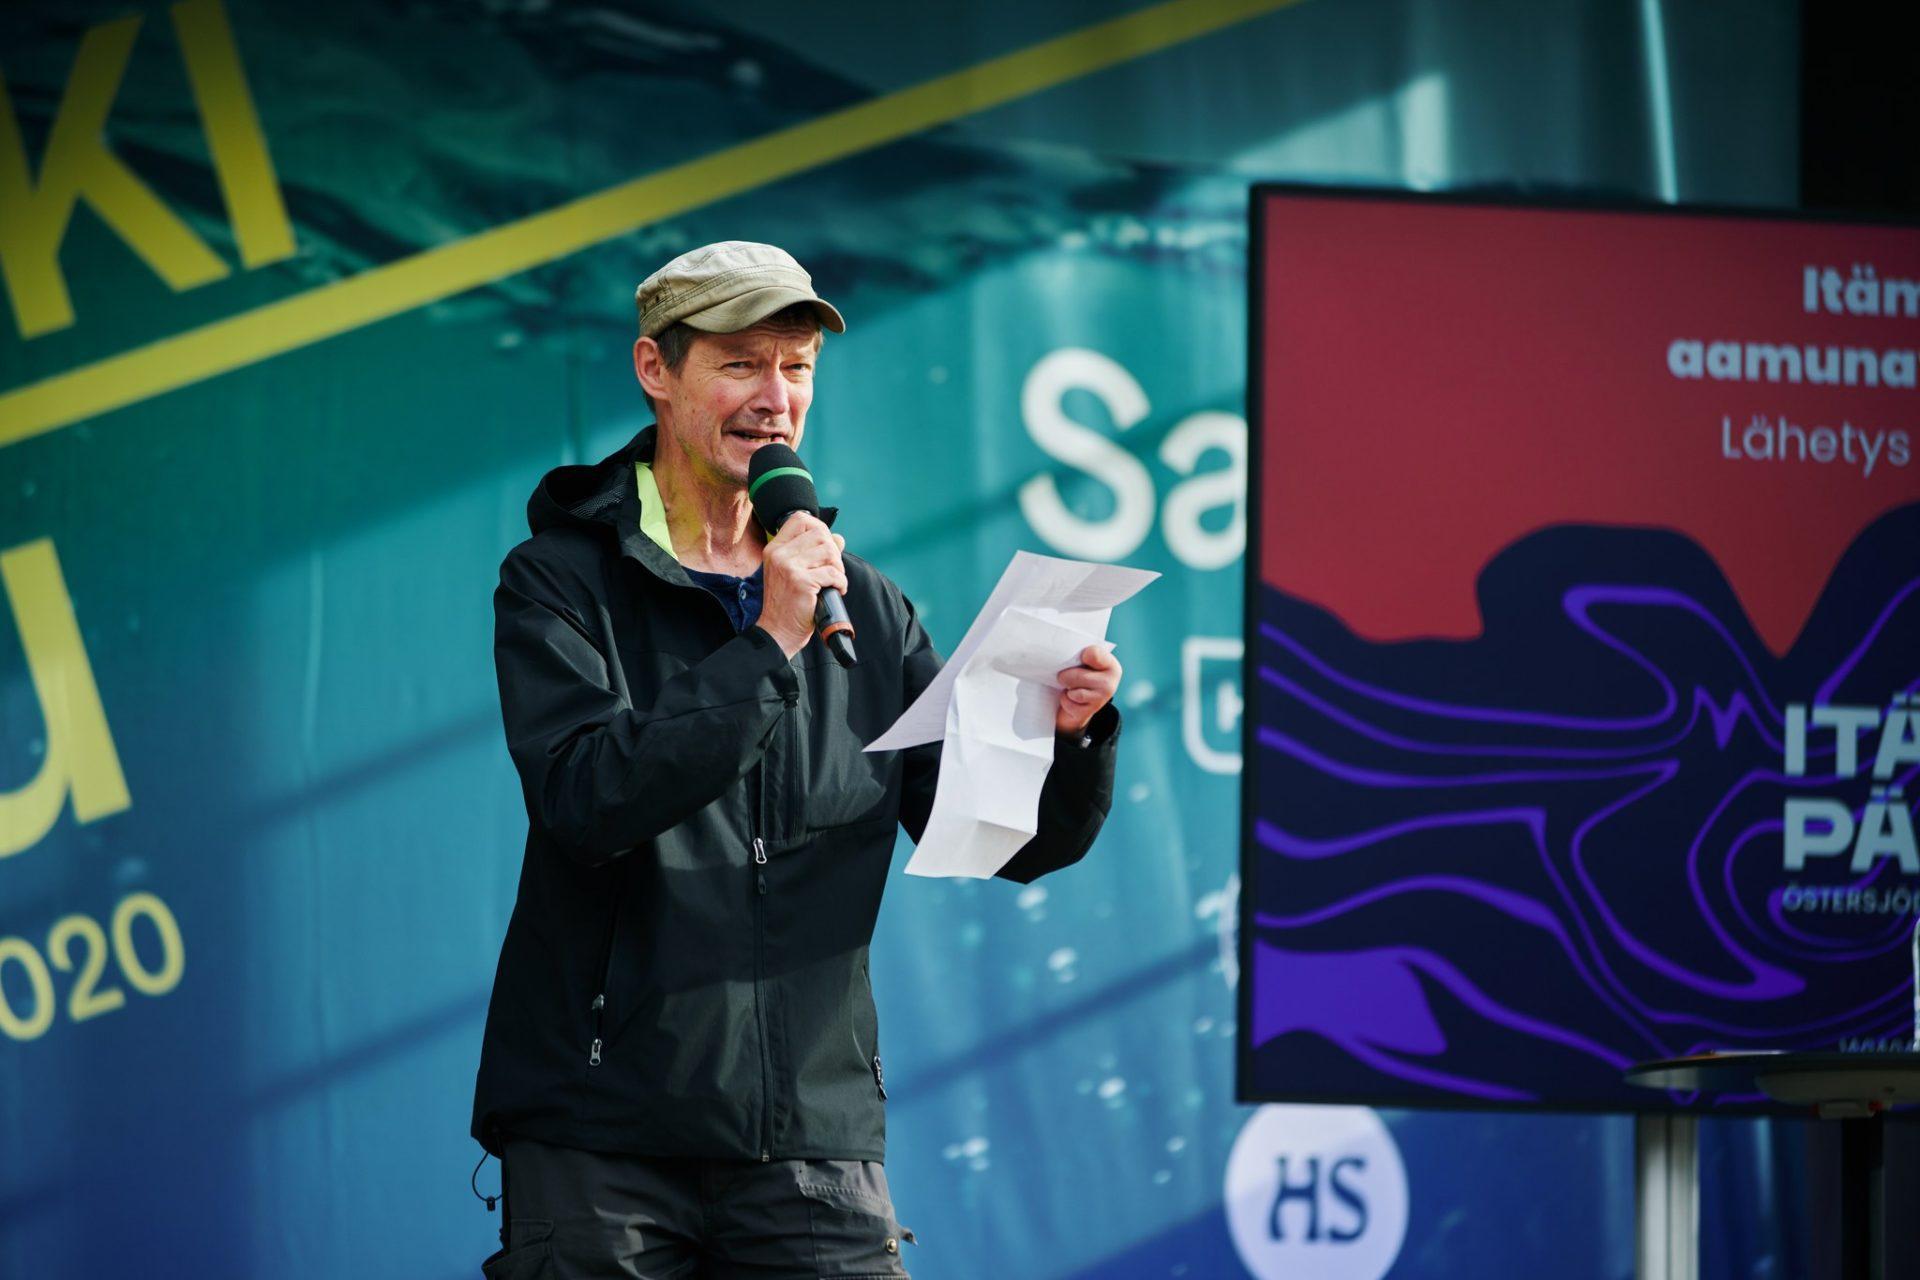 Kirjailija ja teatteriohjaaja Juha Hurme piti Itämeripäivän aamunavauksessa 27.8. pysäyttävän upean puheen merelle.